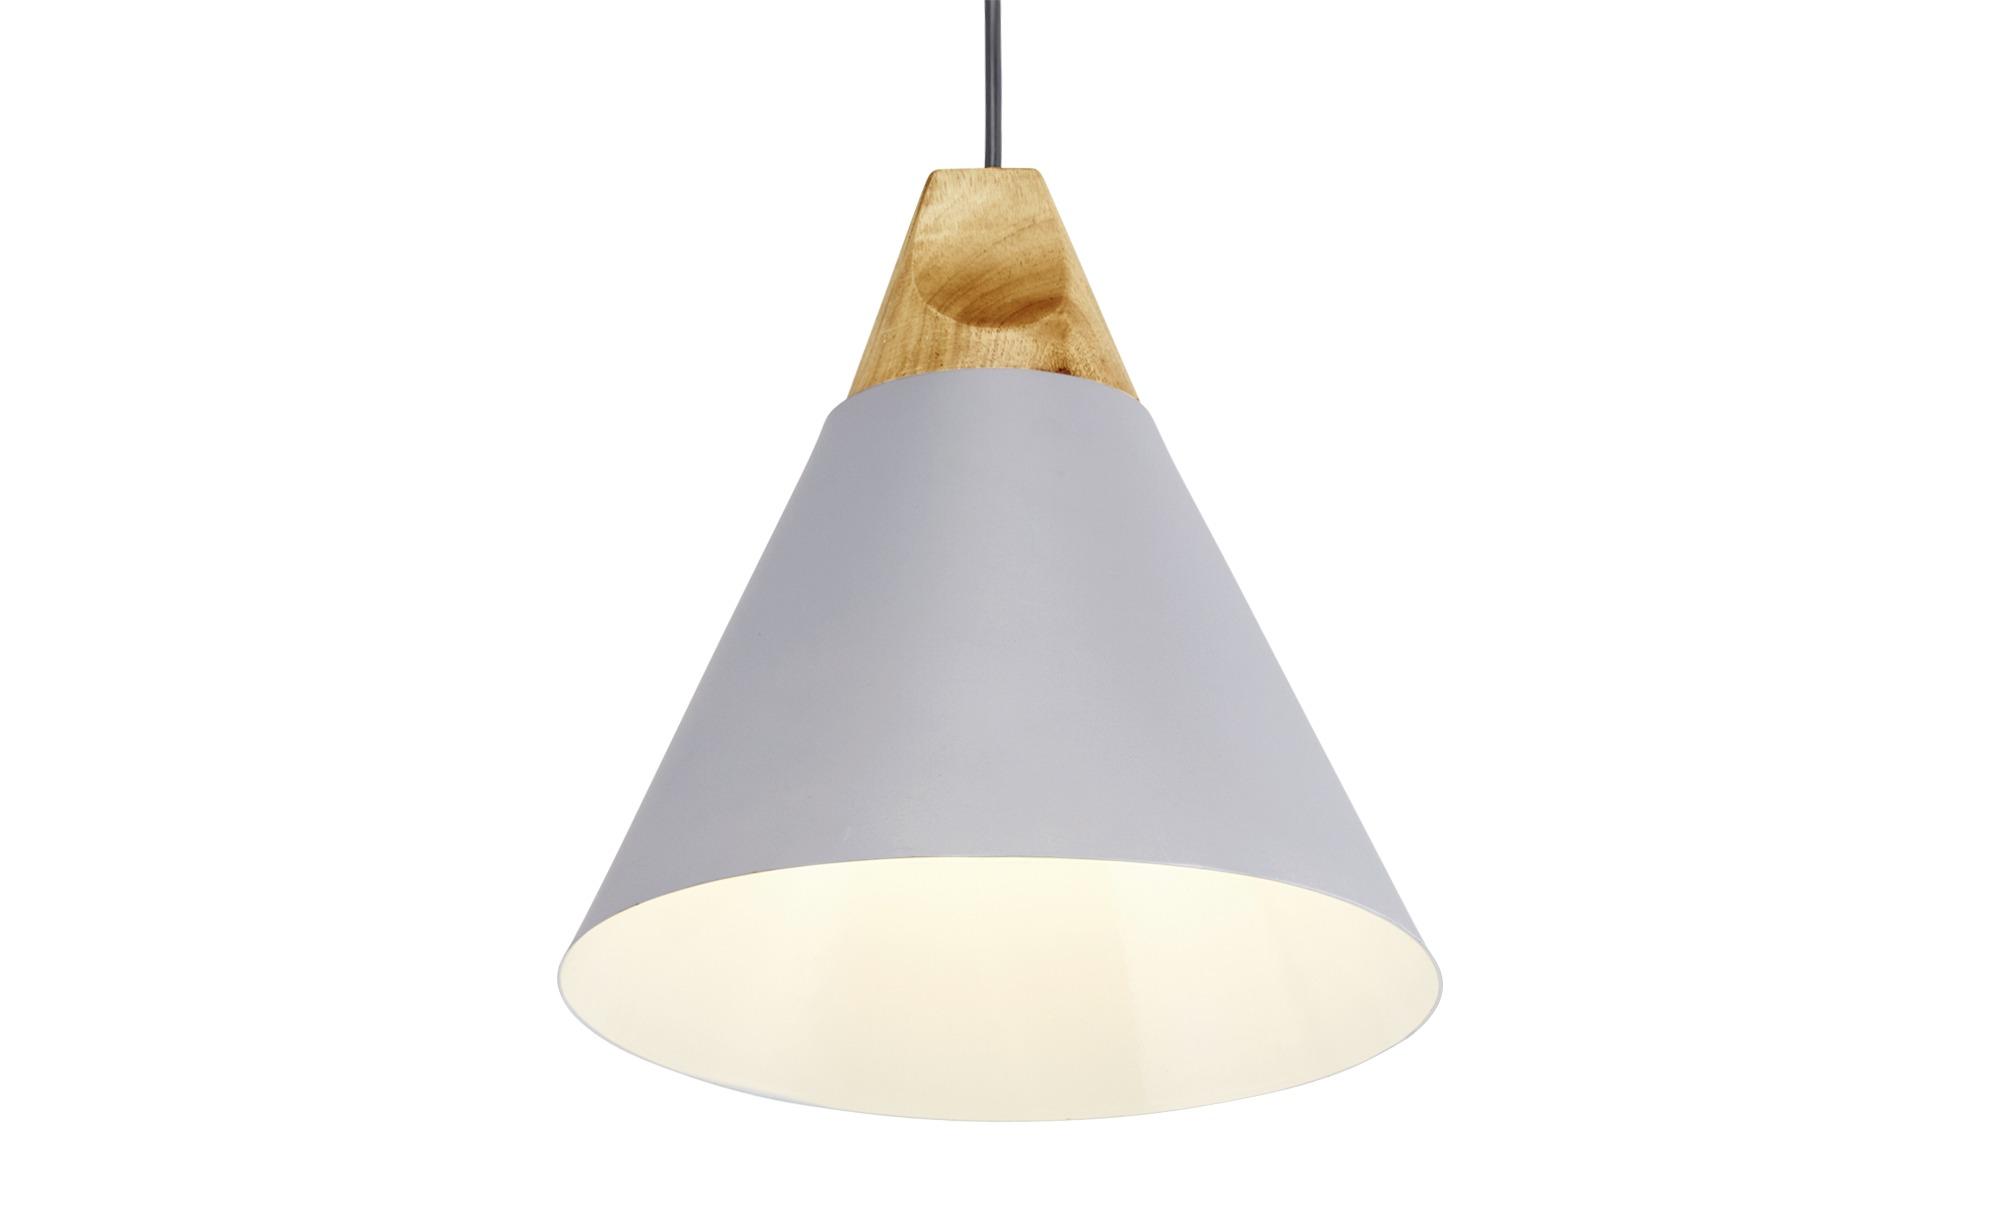 HOME STORY Pendelleuchte, 1-flammig ¦ grau ¦ Maße (cm): H: 150 Ø: [25.0] Lampen & Leuchten > Innenleuchten > Pendelleuchten - Höffner